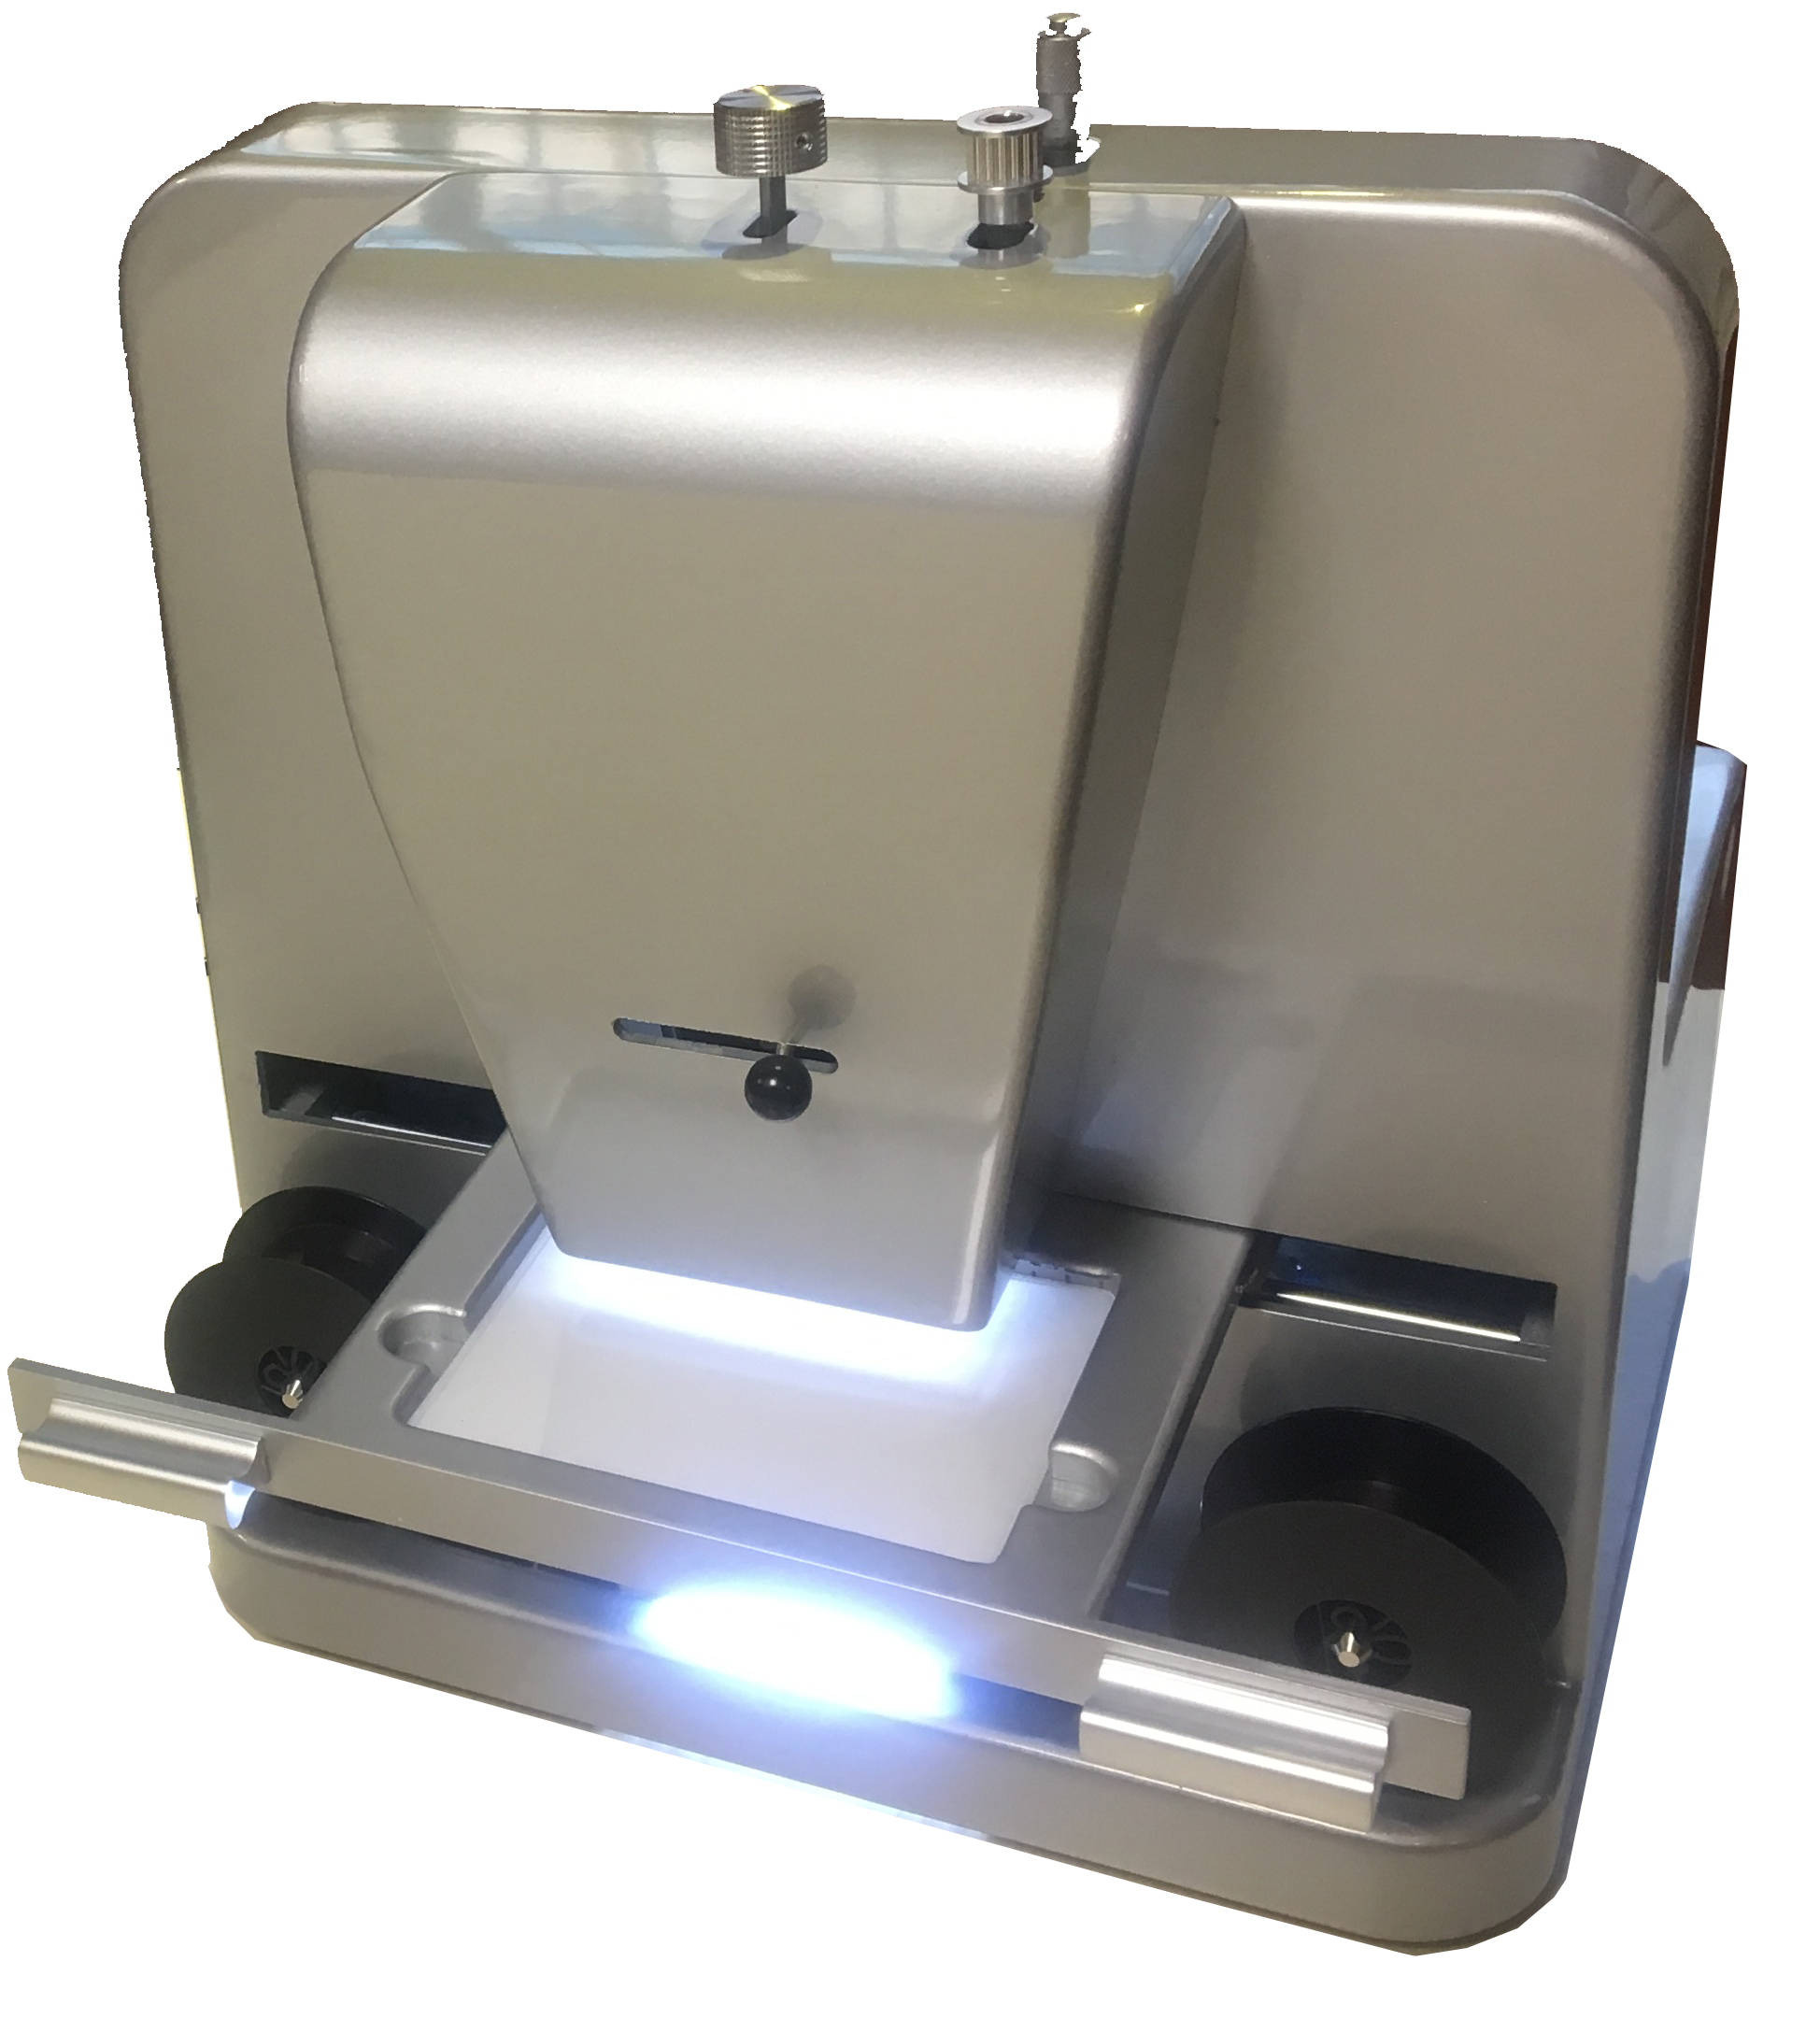 大申烽華數字縮微膠片掃描儀 數字縮微膠片閱讀成像儀